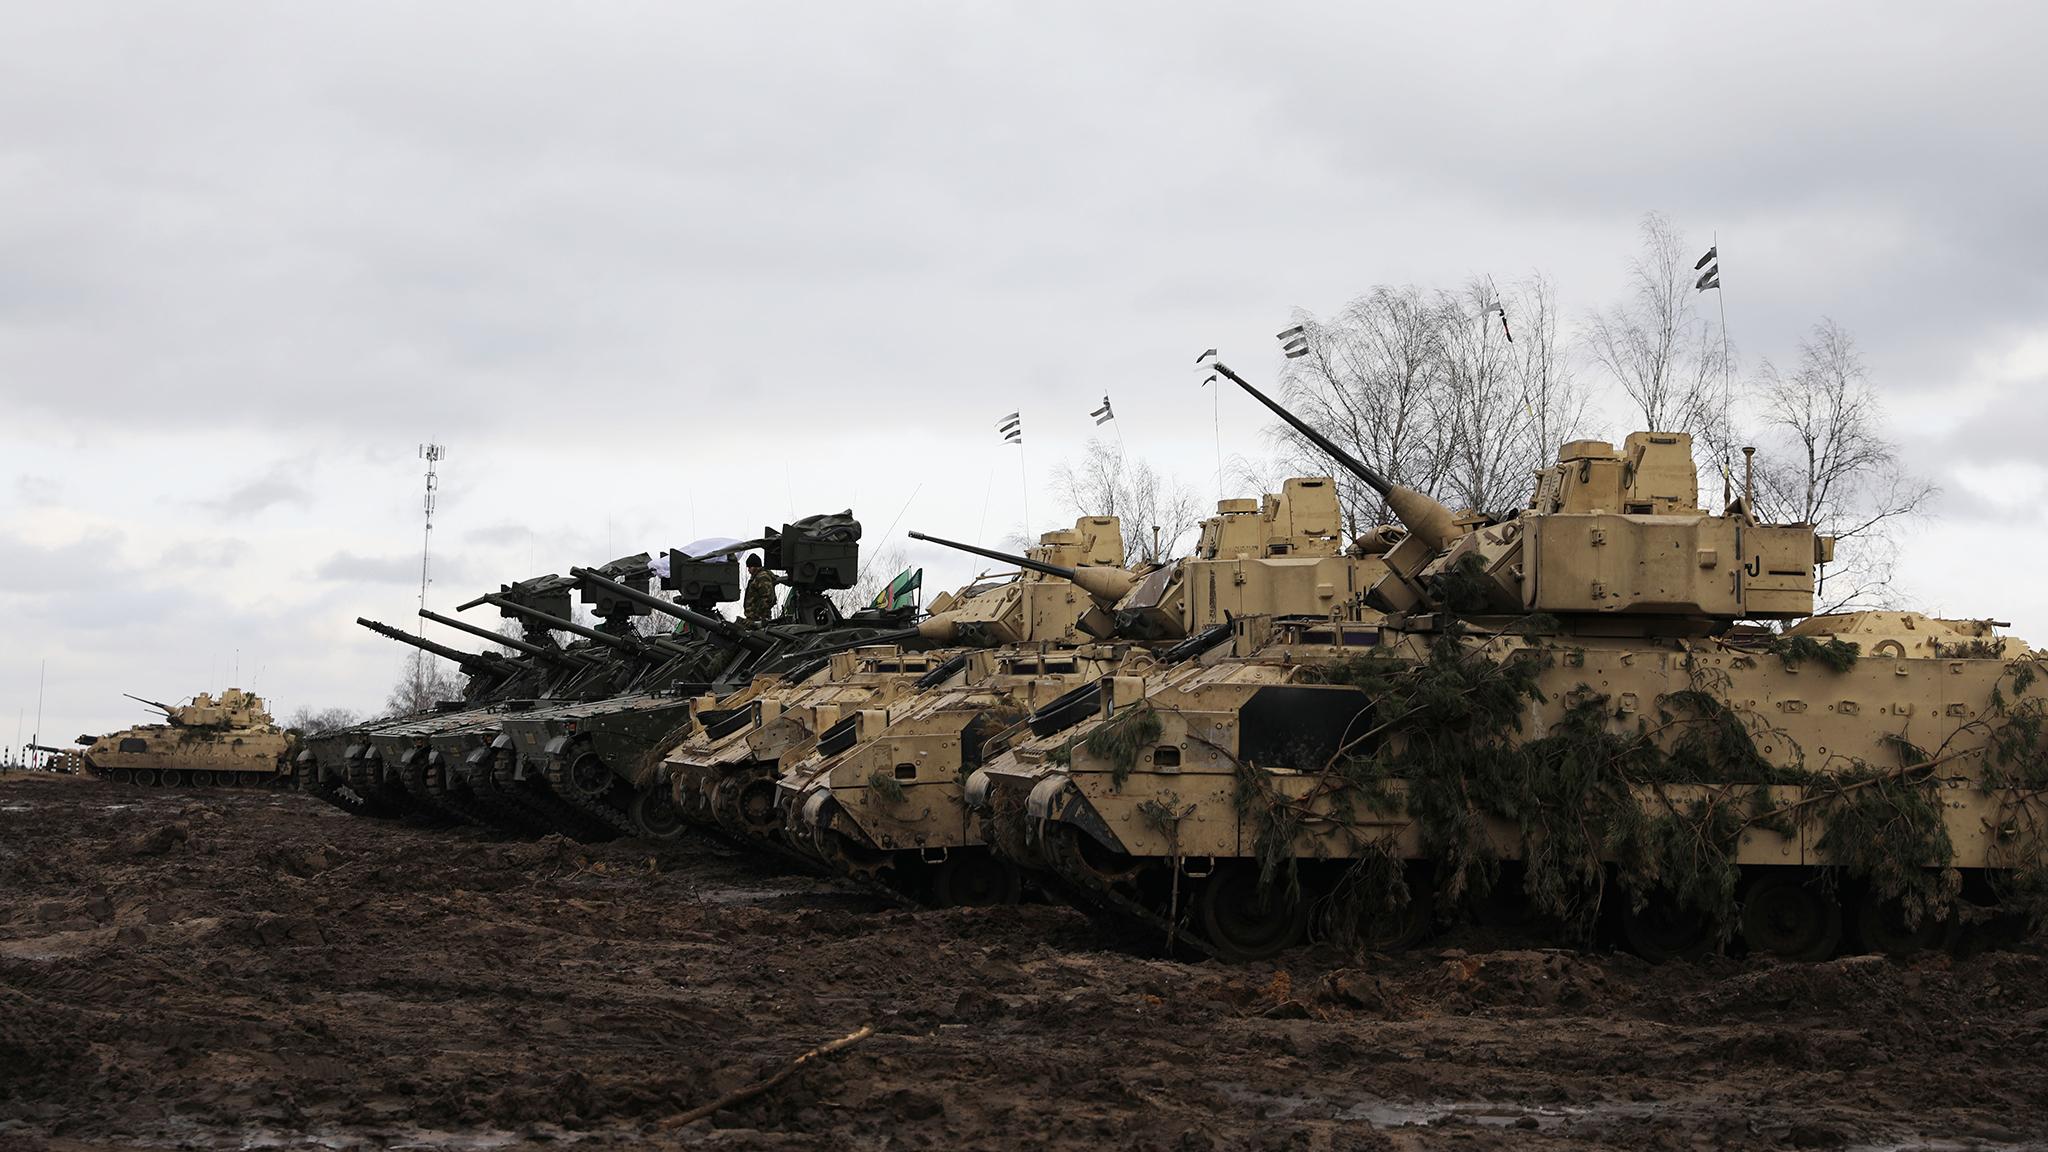 Americanii trimit trupe în Europa! SUA își arată puterea cu zeci de mii de militari